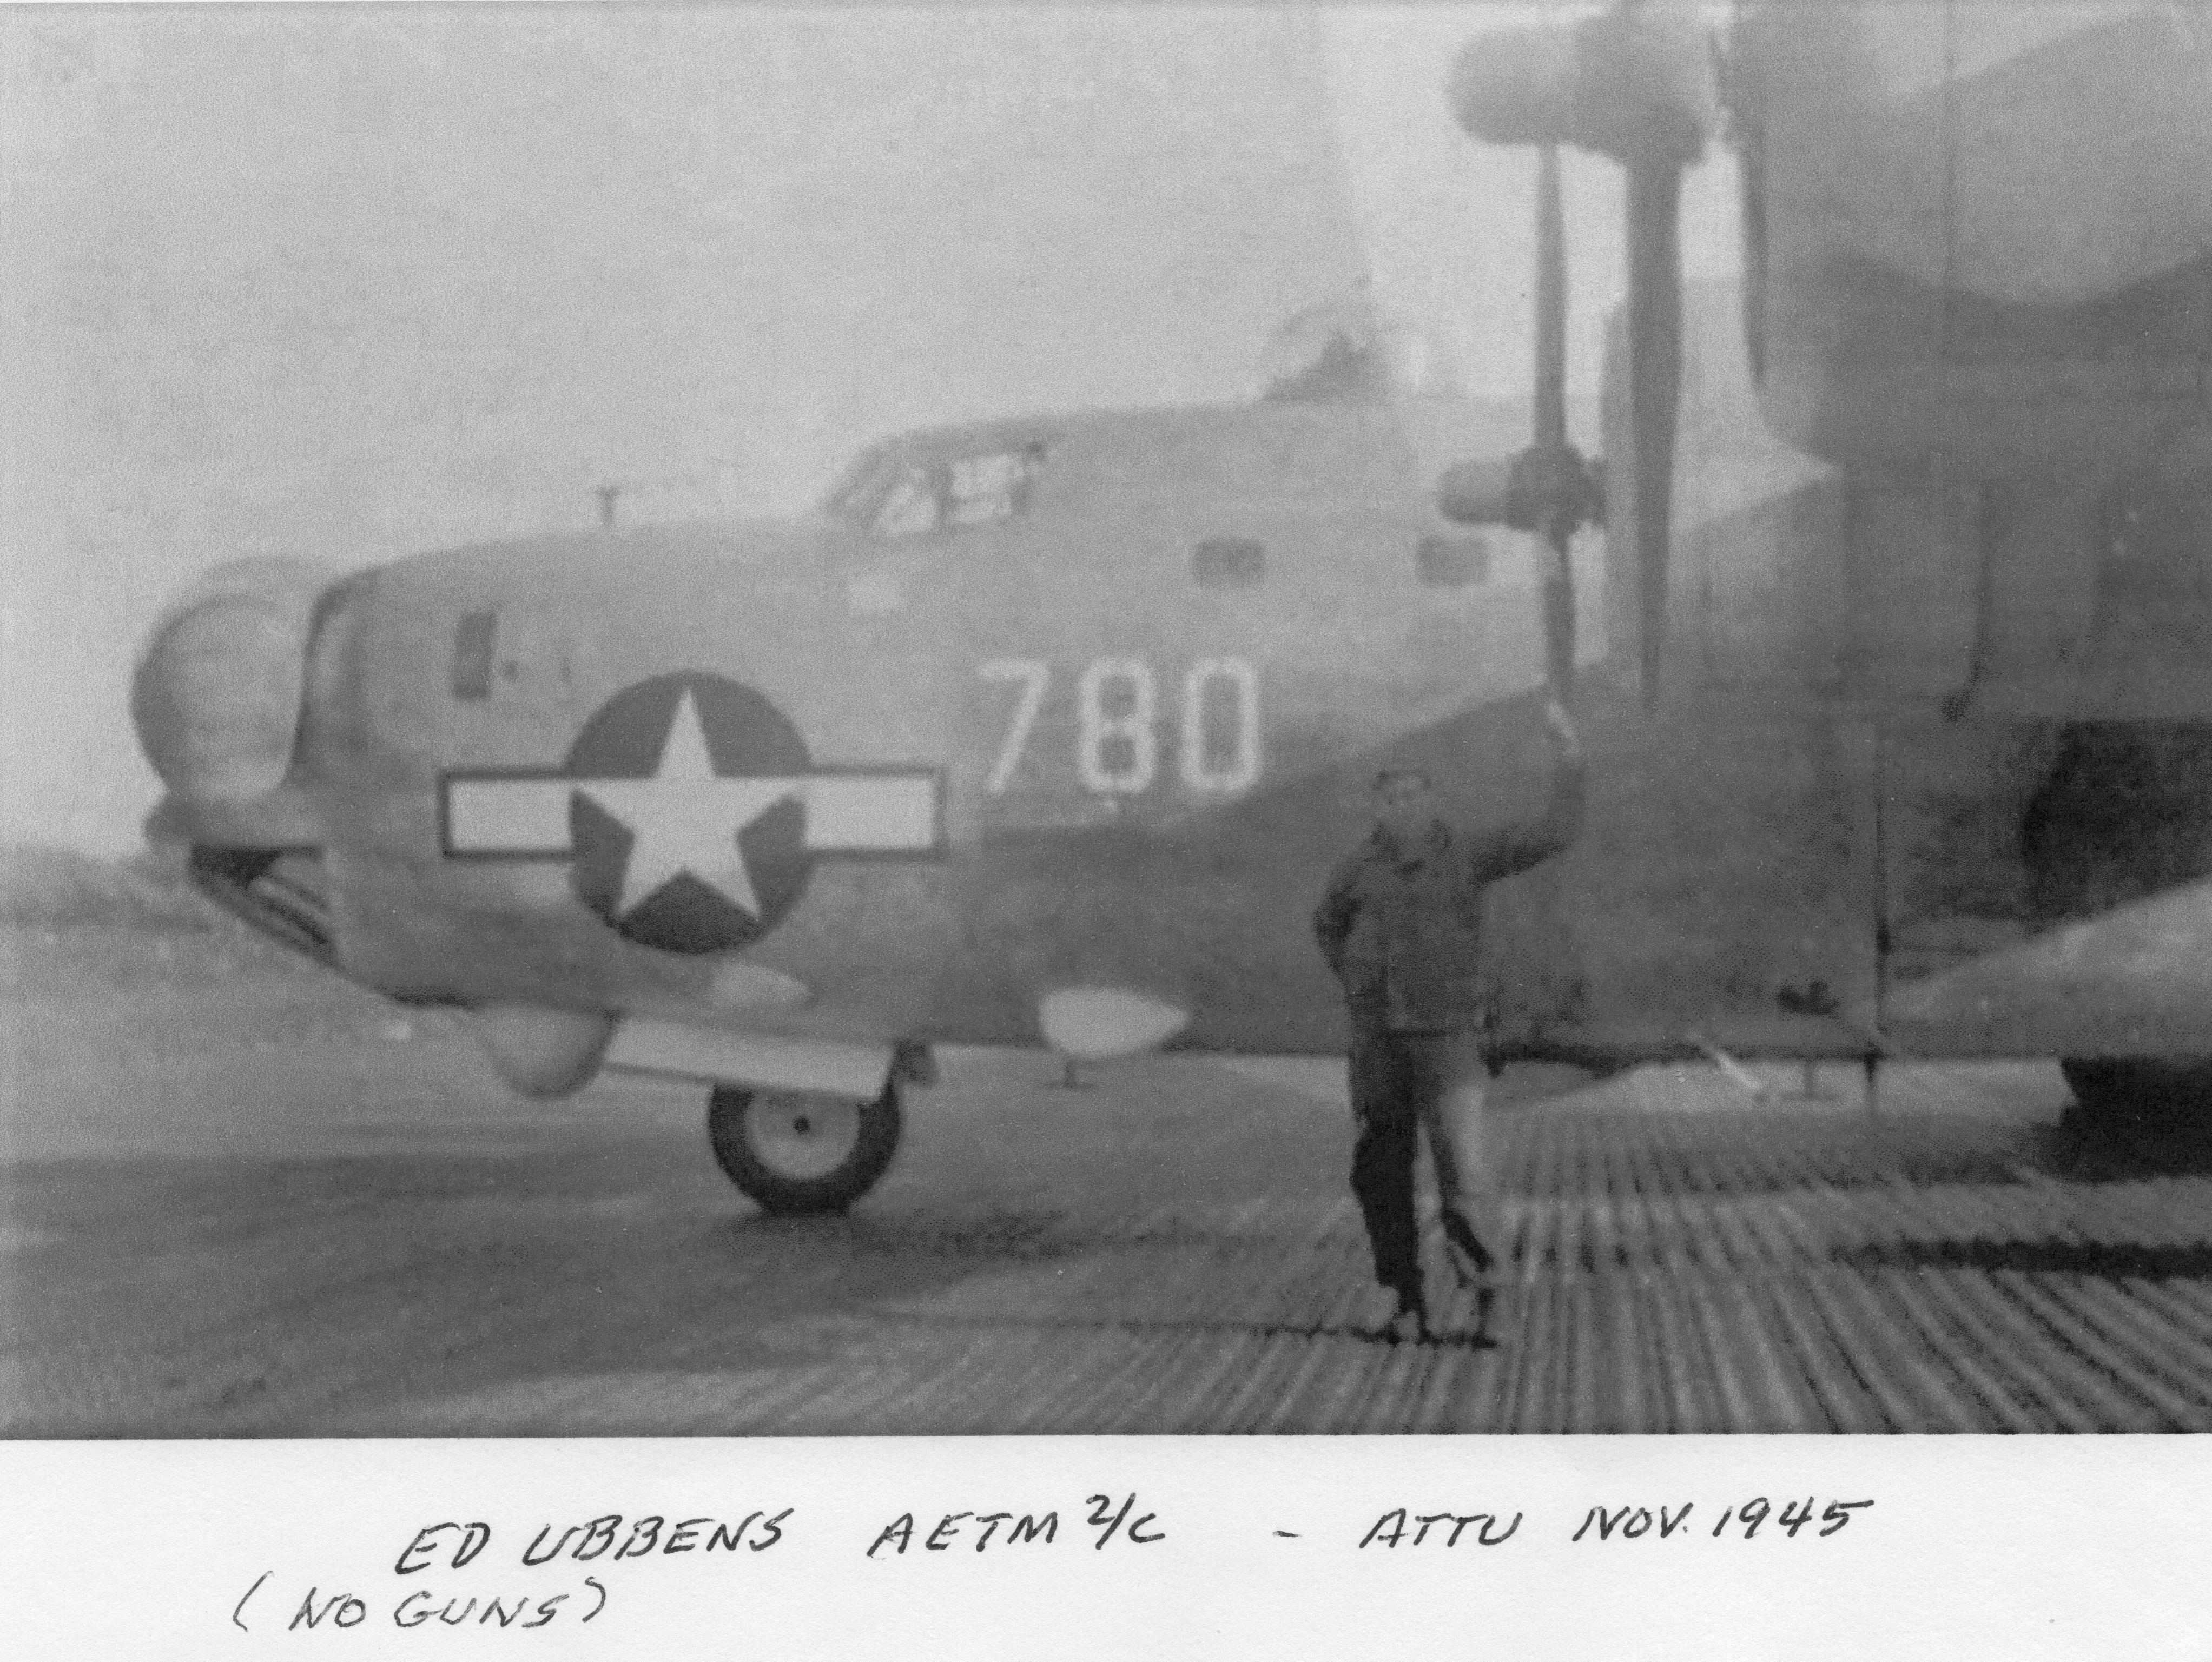 59780 69V Attu Nov 1945